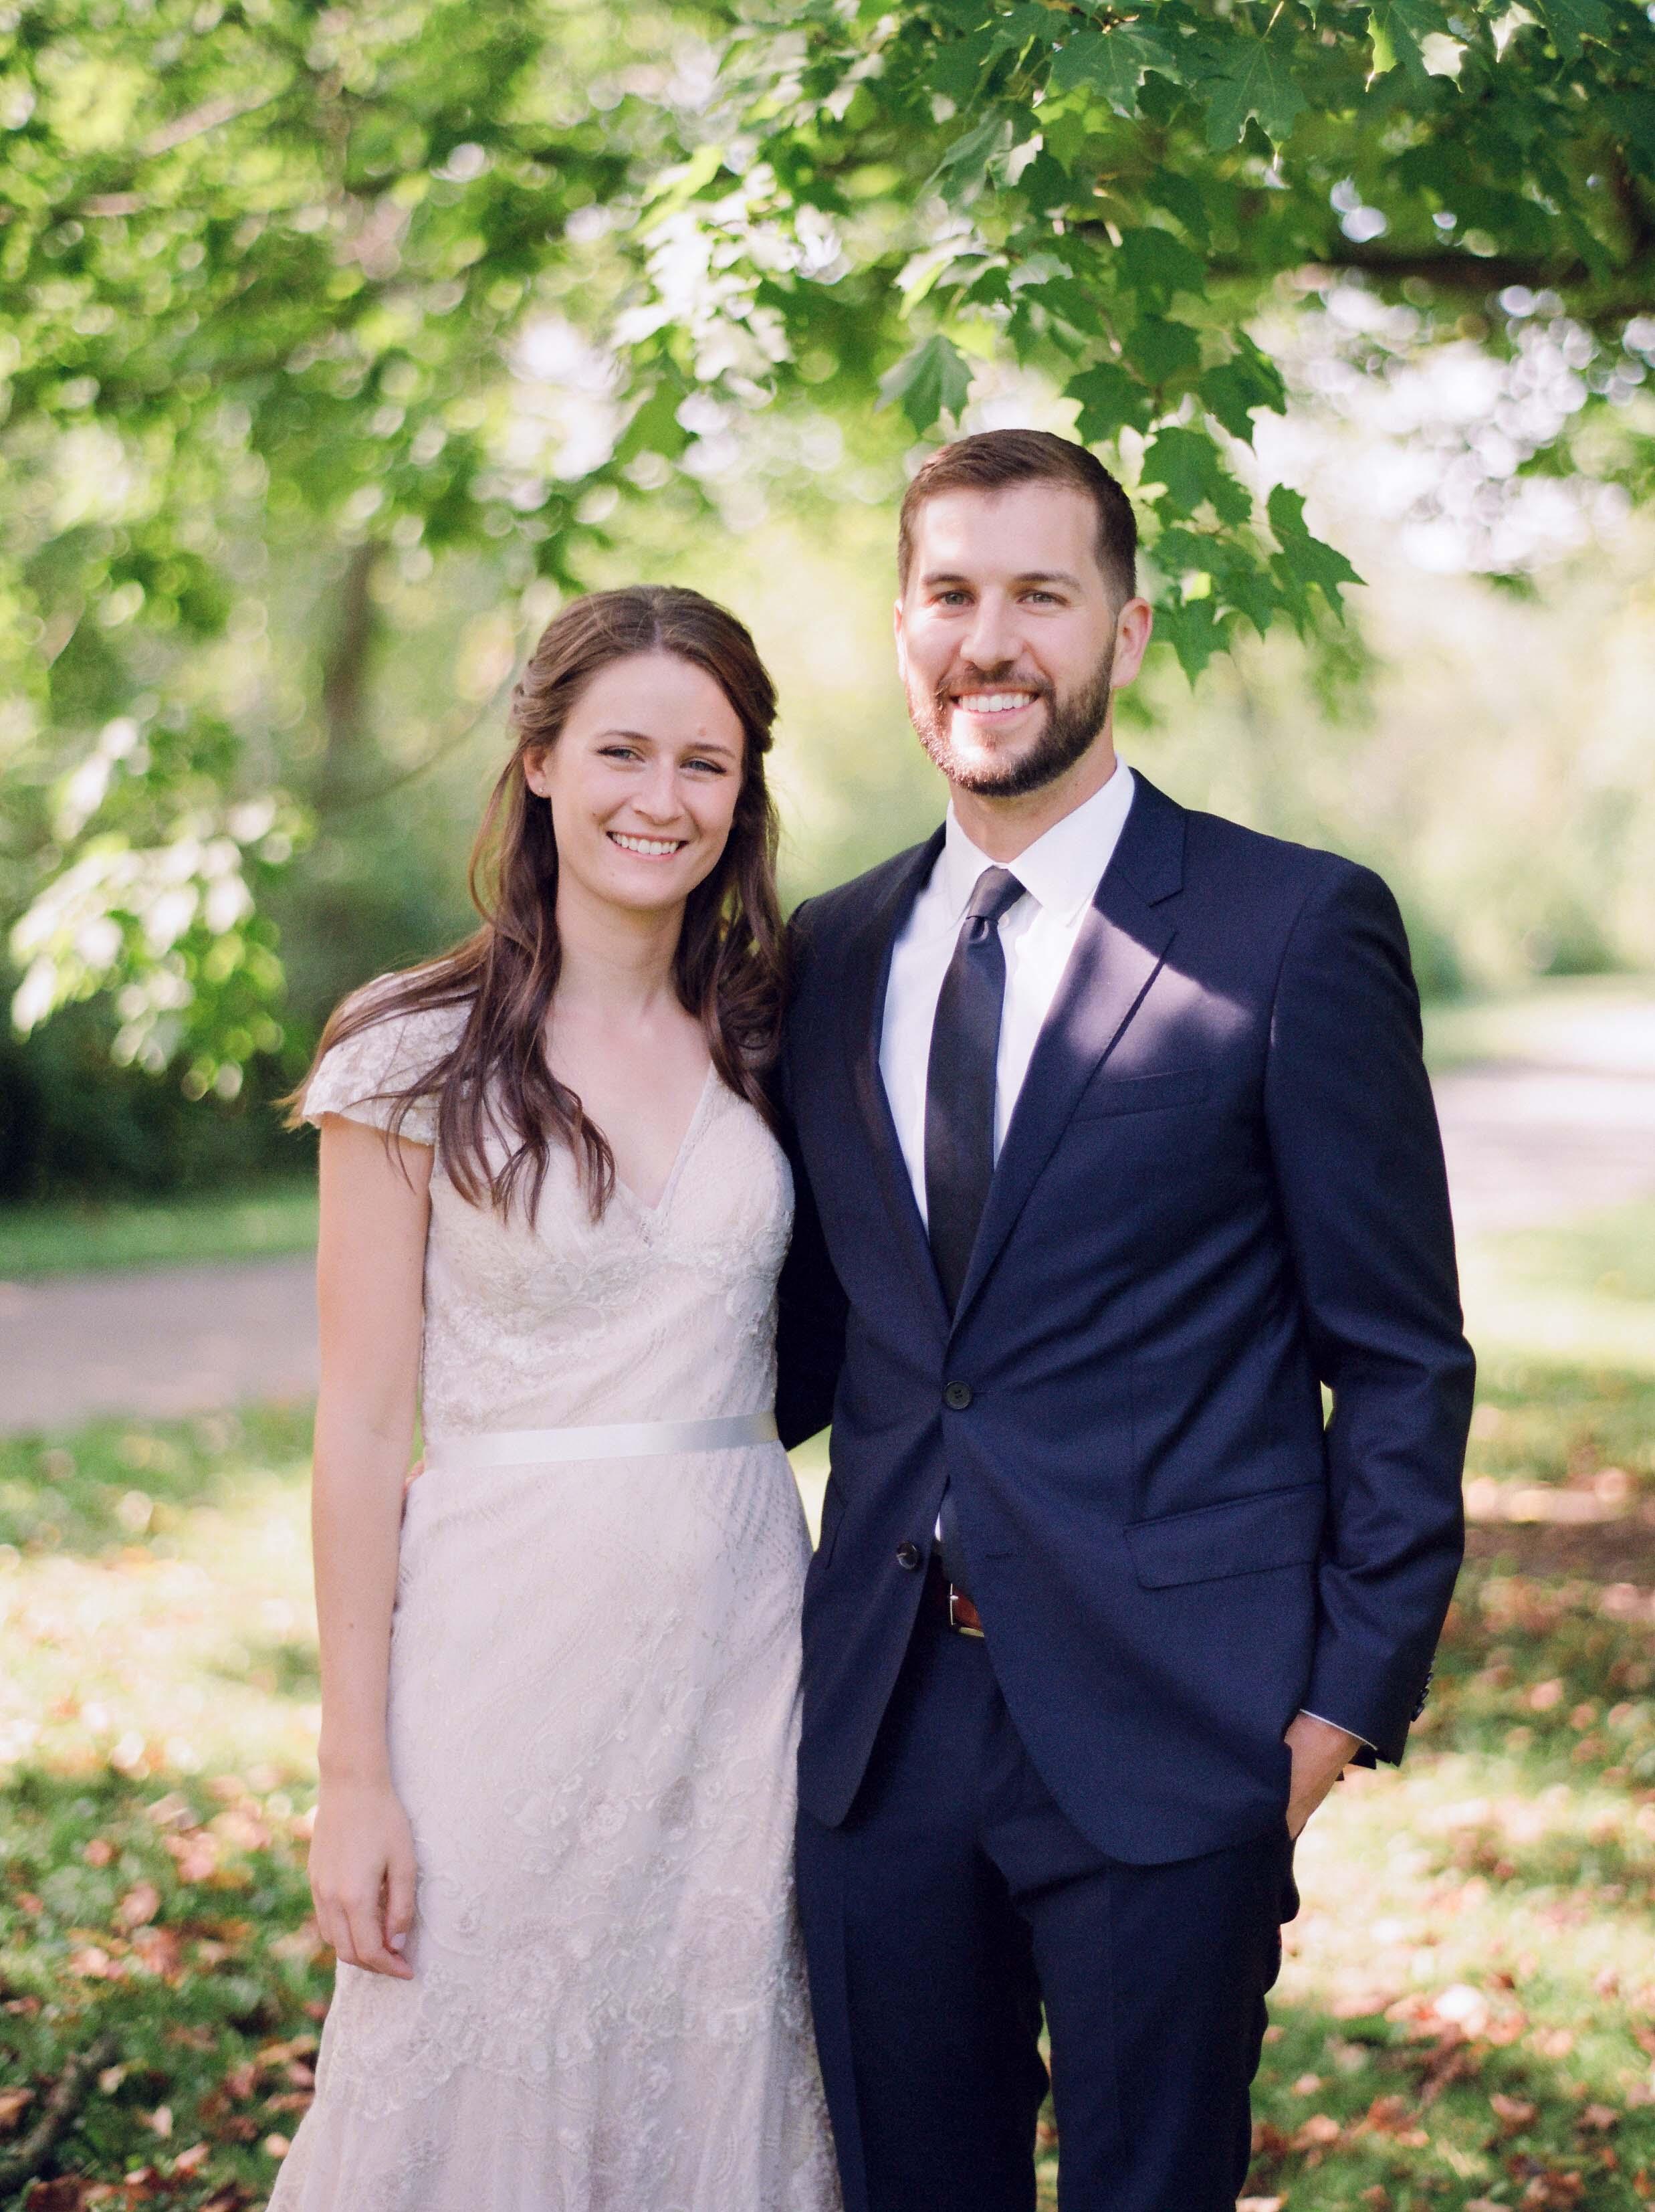 kateweinsteinphoto_clairewillie_wedding-172.jpg